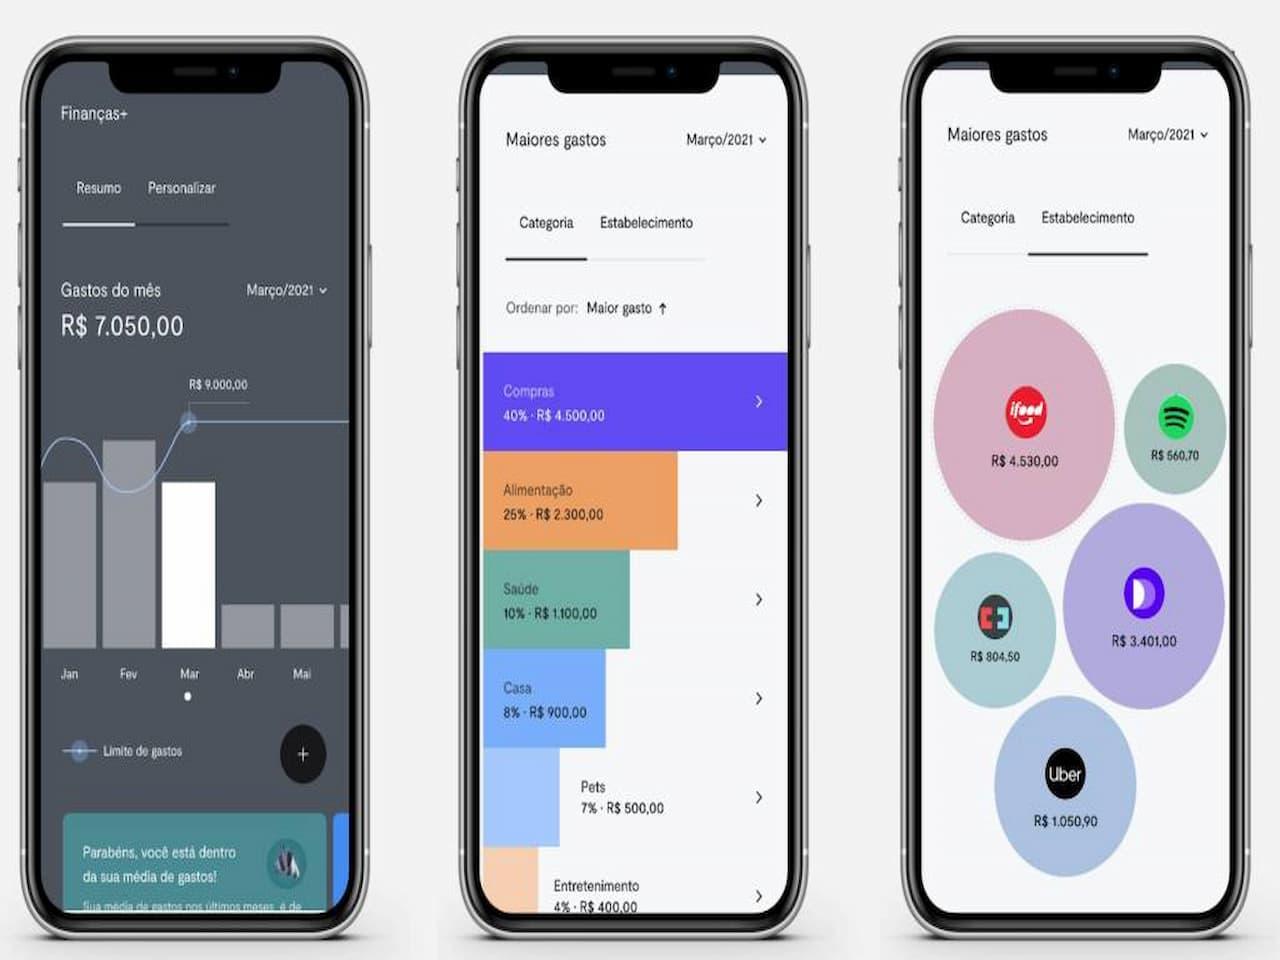 celulares com telas mostrando funcionalidades representando conta com inteligência artificial